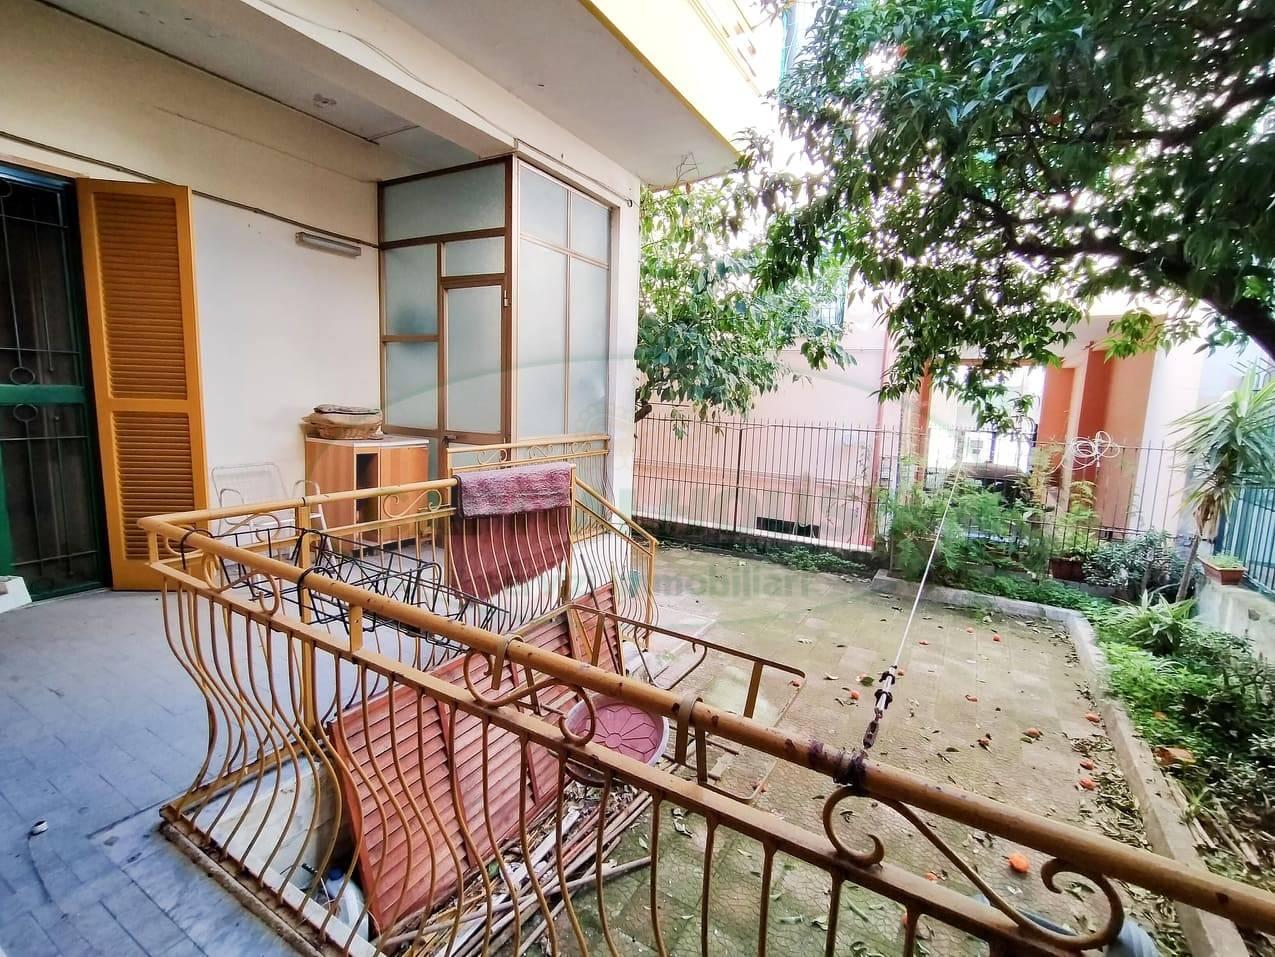 Appartamento in vendita a Pomigliano d'Arco, 5 locali, prezzo € 255.000 | PortaleAgenzieImmobiliari.it